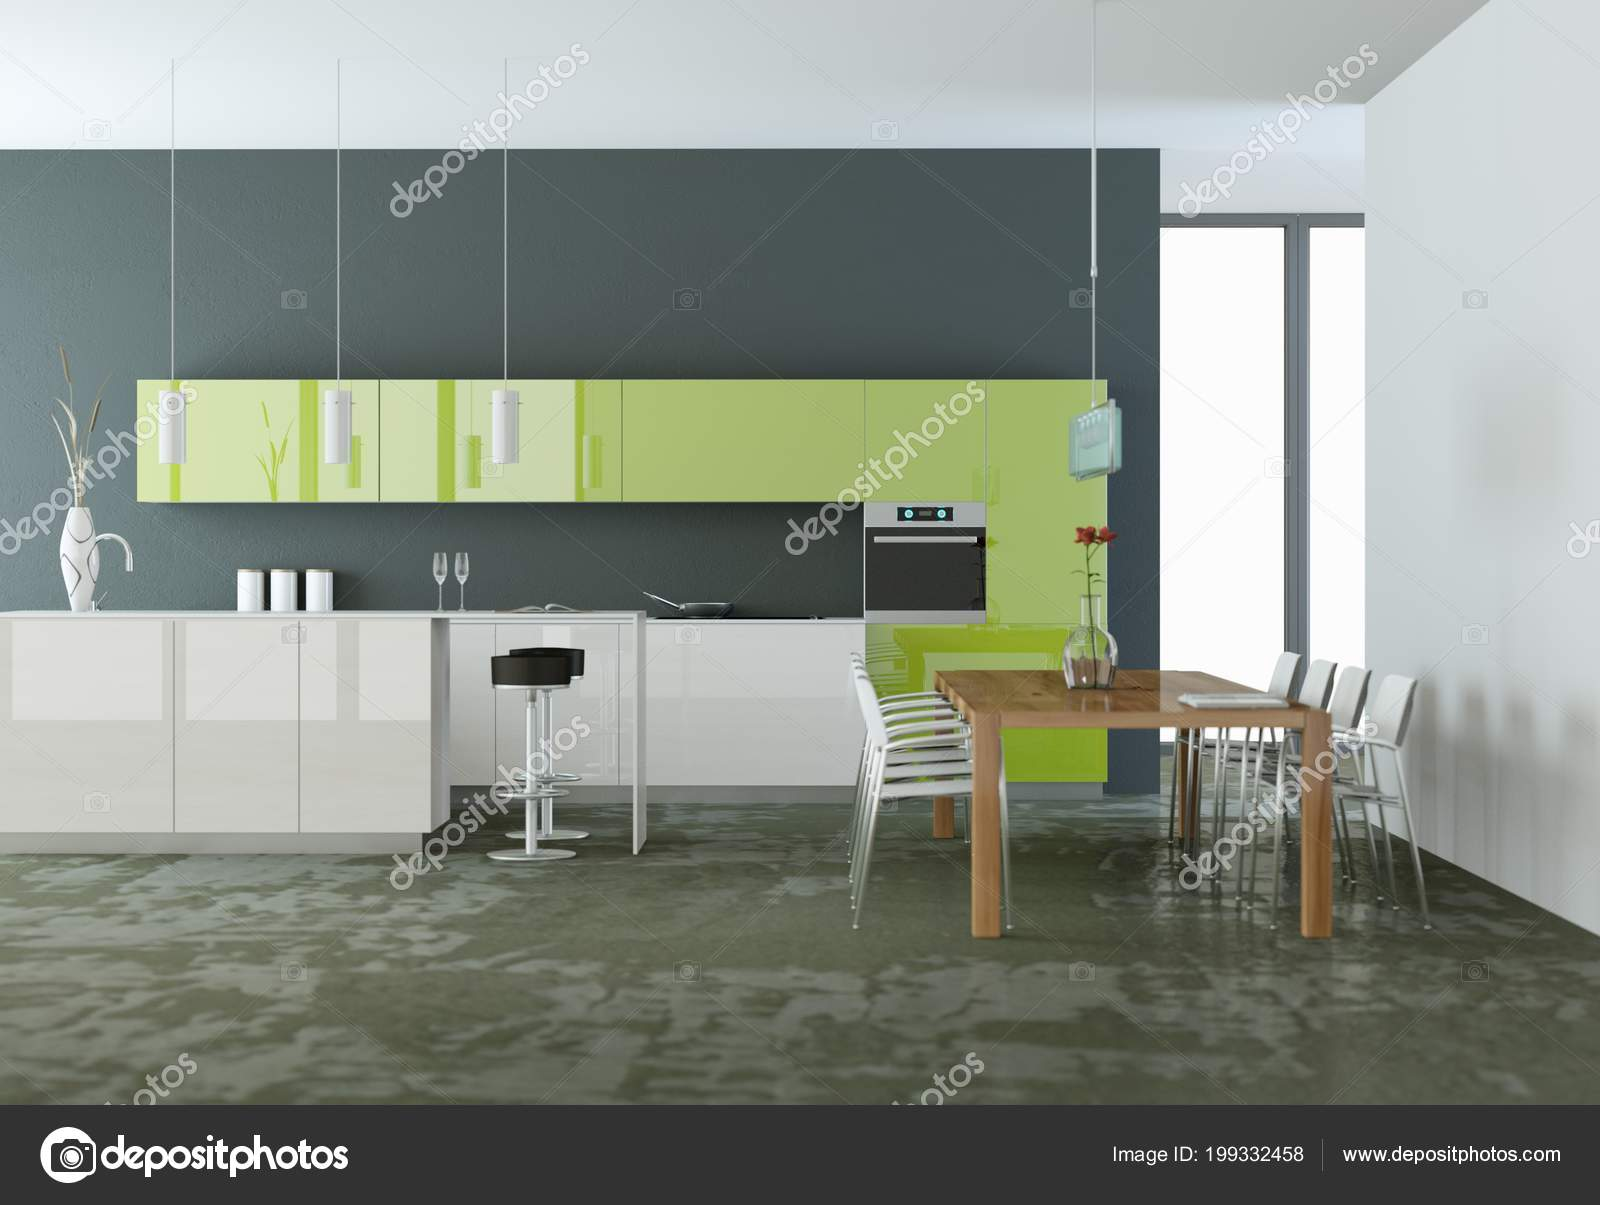 Cozinha Moderna Verde Em Uma Sala Com Parede Cinza Stock Photo